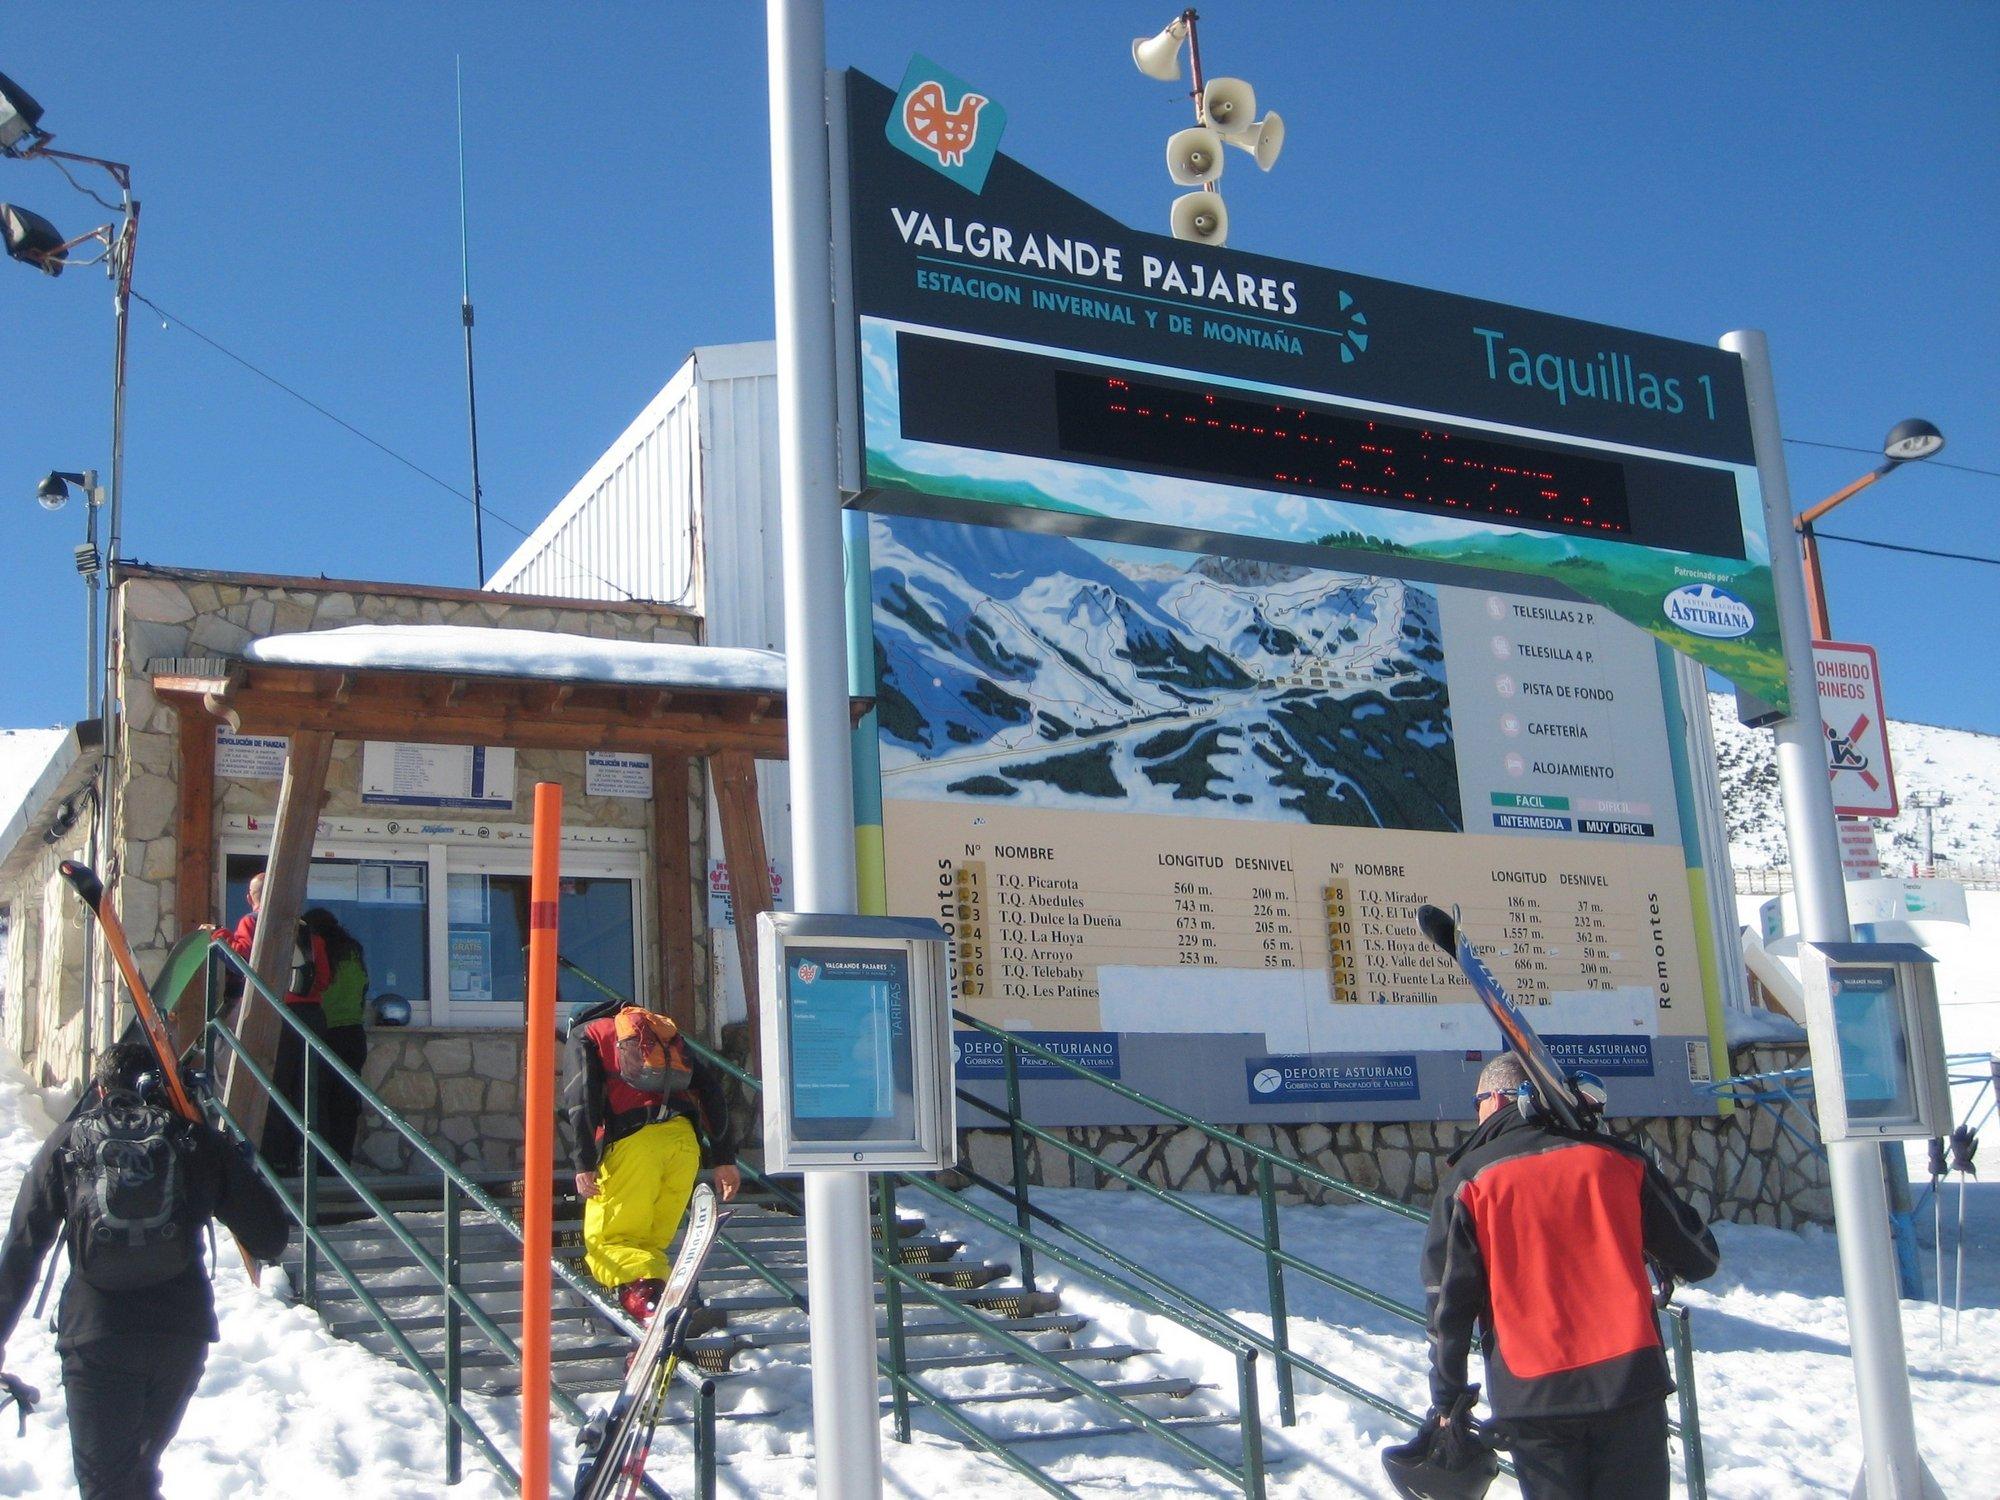 Cerca de 240 esquiadores visitaron este jueves la estación de Valgrande-Pajares